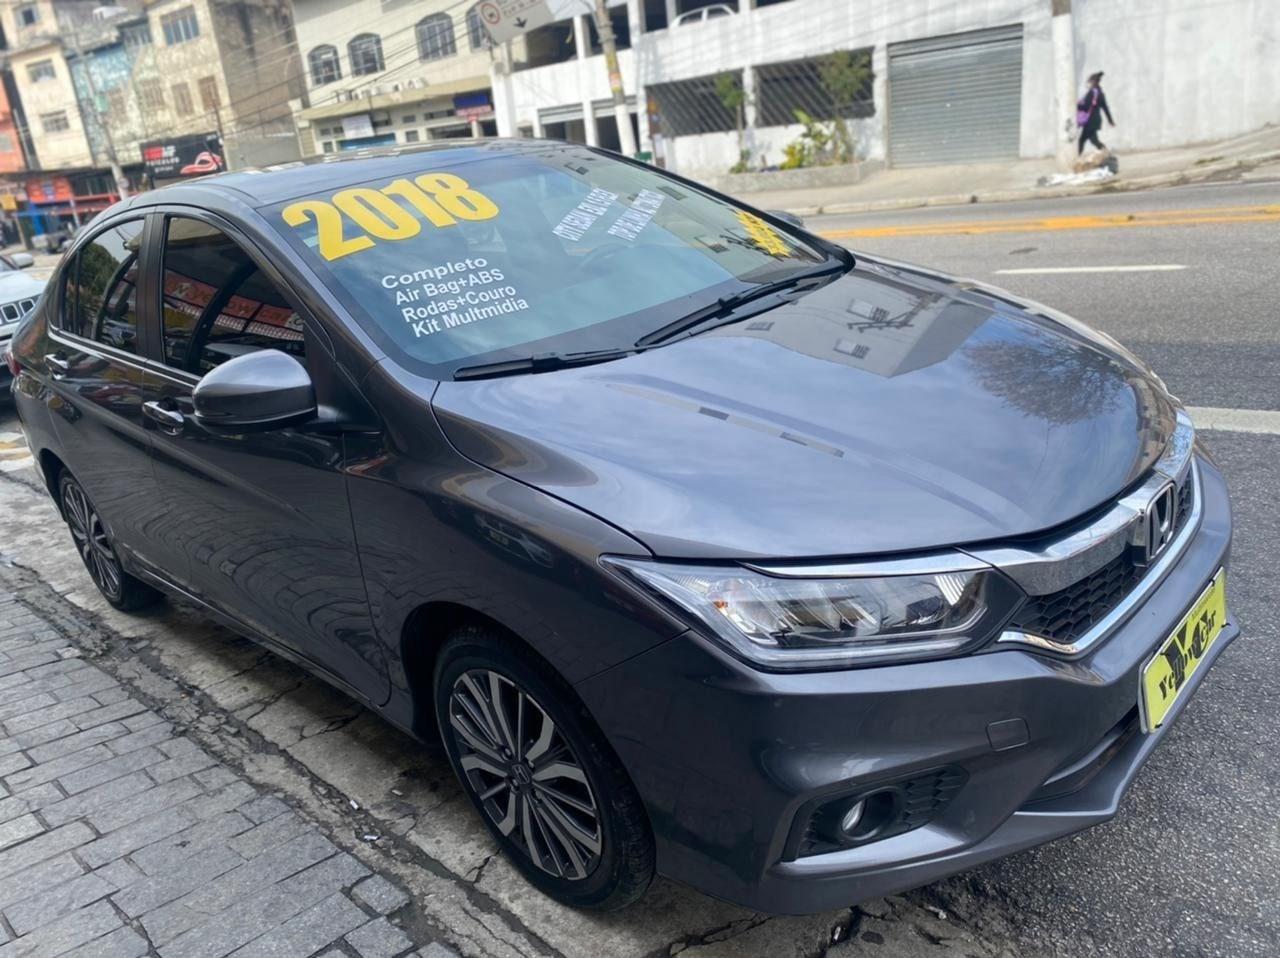 //www.autoline.com.br/carro/honda/city-15-ex-16v-flex-4p-cvt/2018/sao-paulo-sp/15272292